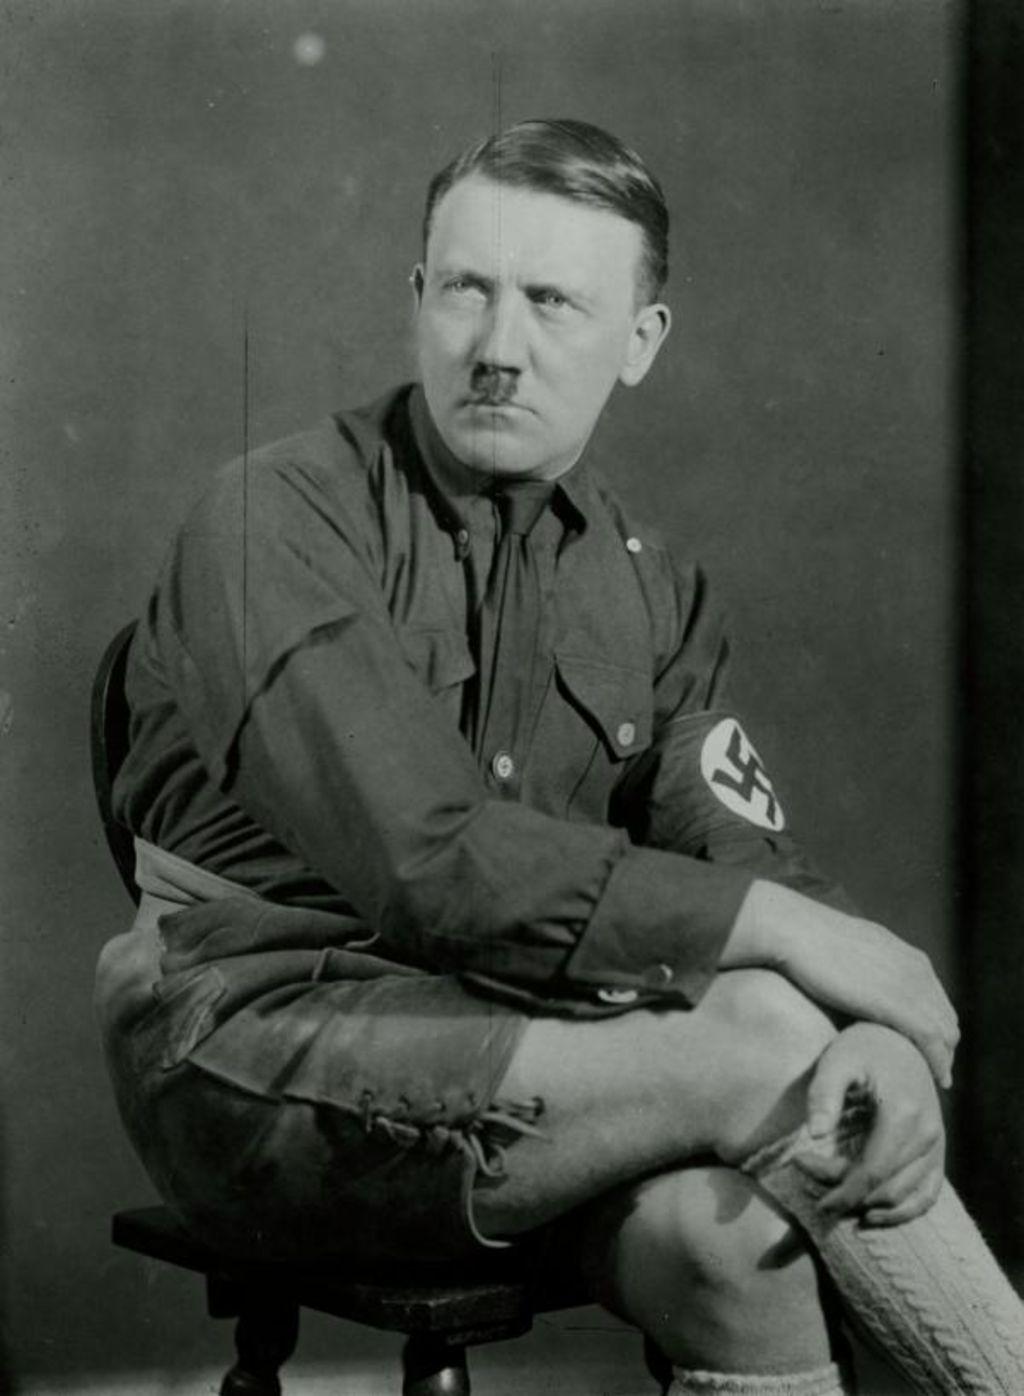 LeMO Bestand - Objekt - Adolf Hitler in Lederhosen, 1926/1927